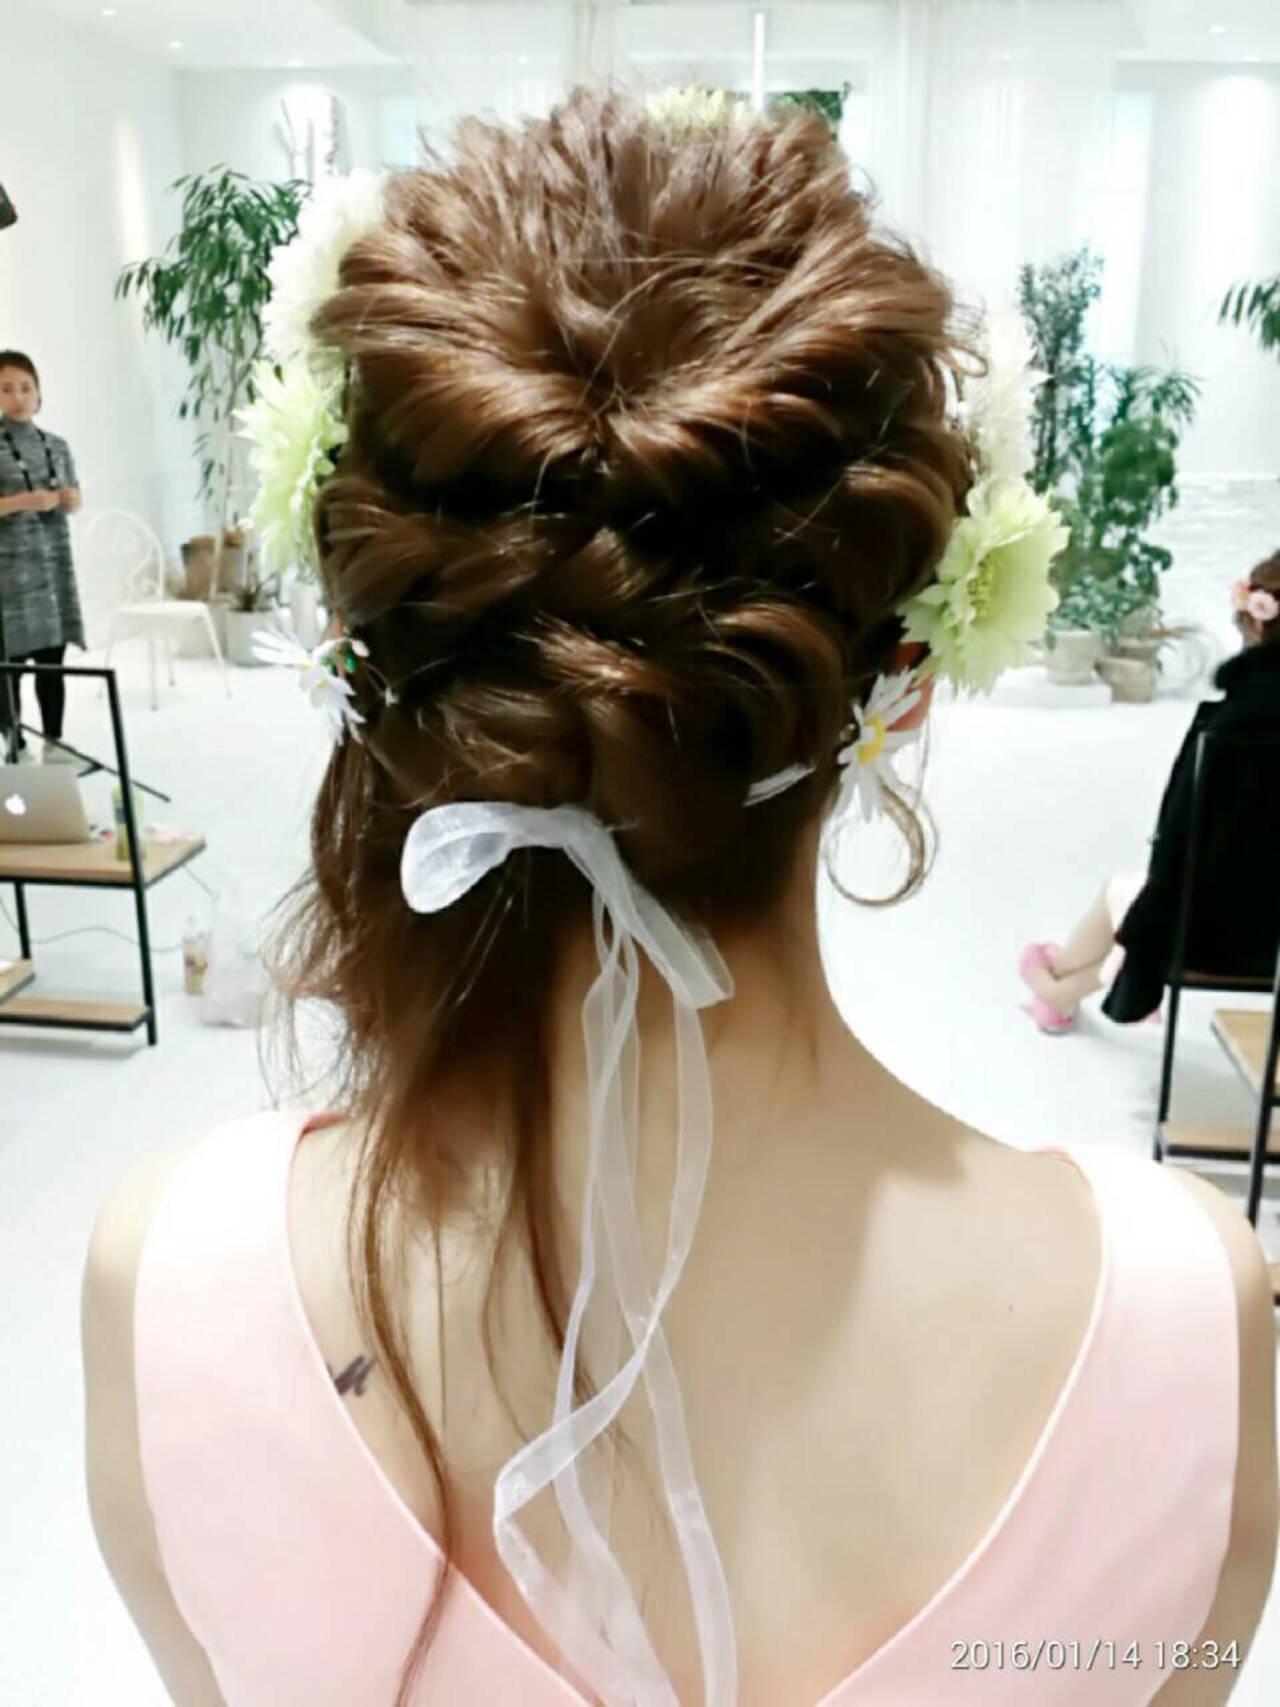 波ウェーブ ヘアアレンジ セミロング ブライダルヘアスタイルや髪型の写真・画像